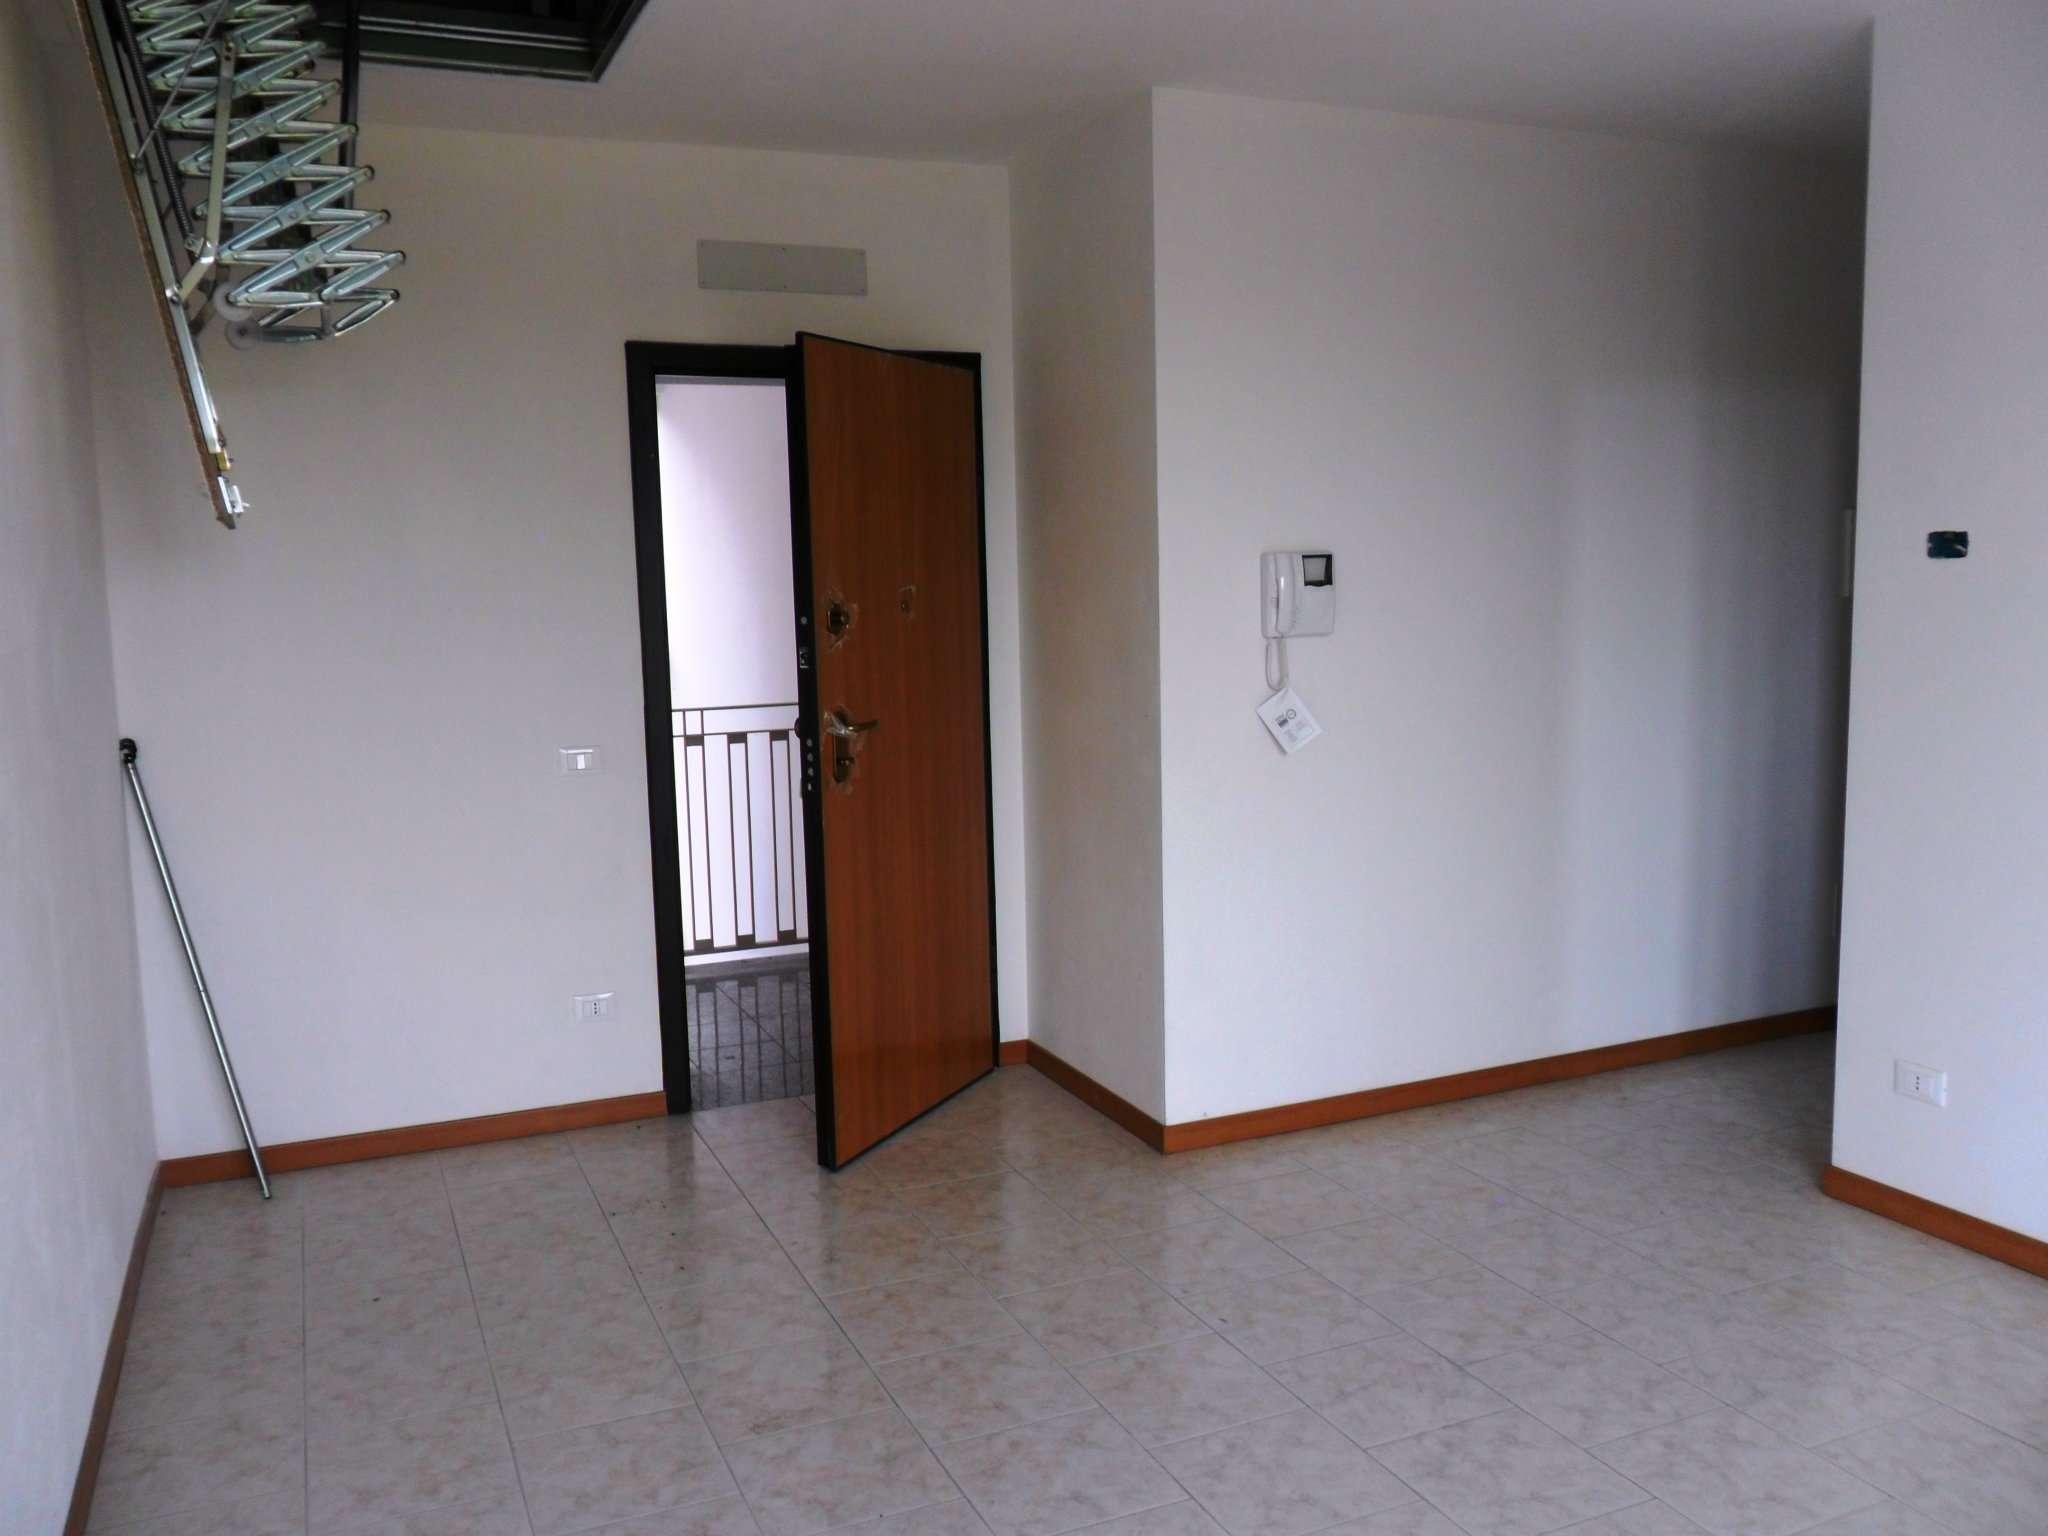 Appartamento in vendita a Fontevivo, 2 locali, prezzo € 160.000 | Cambio Casa.it